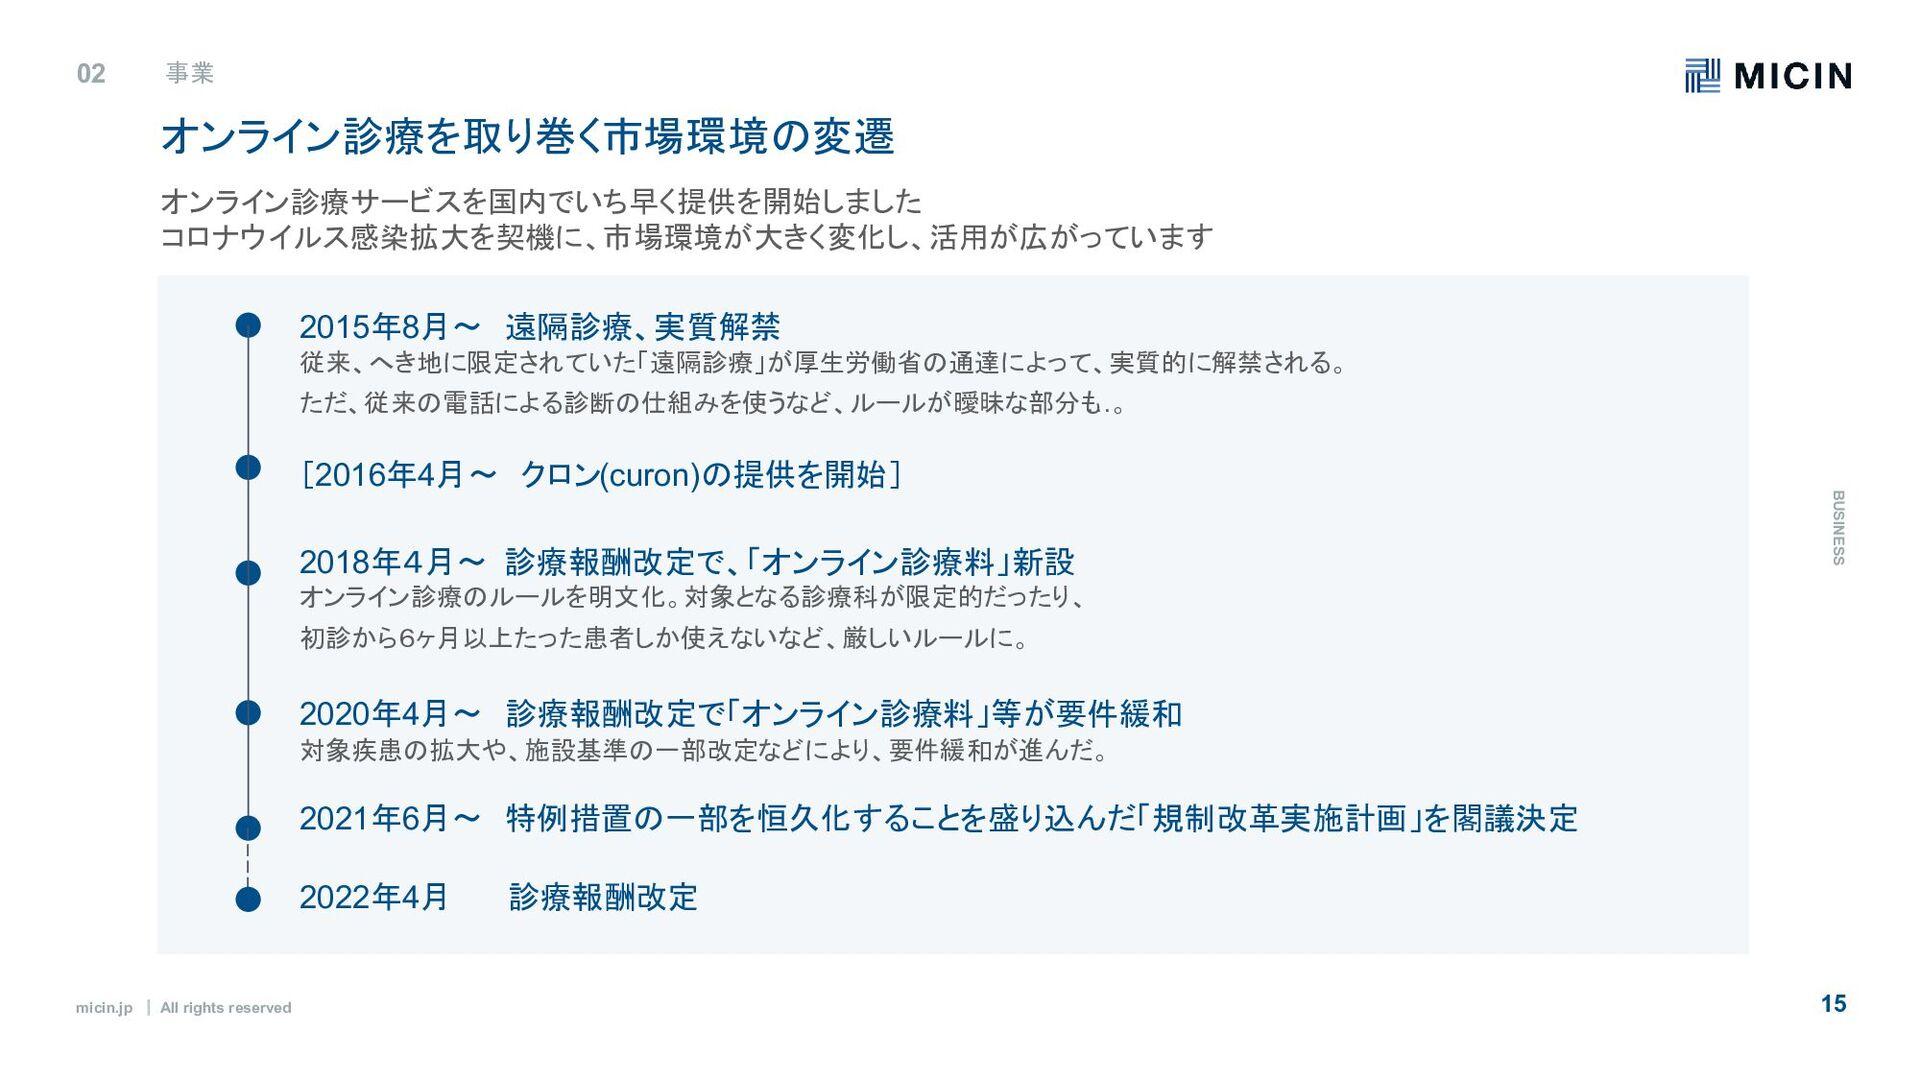 micin.jp ʛ All rights reserved 15 02 ۀ B U S I...